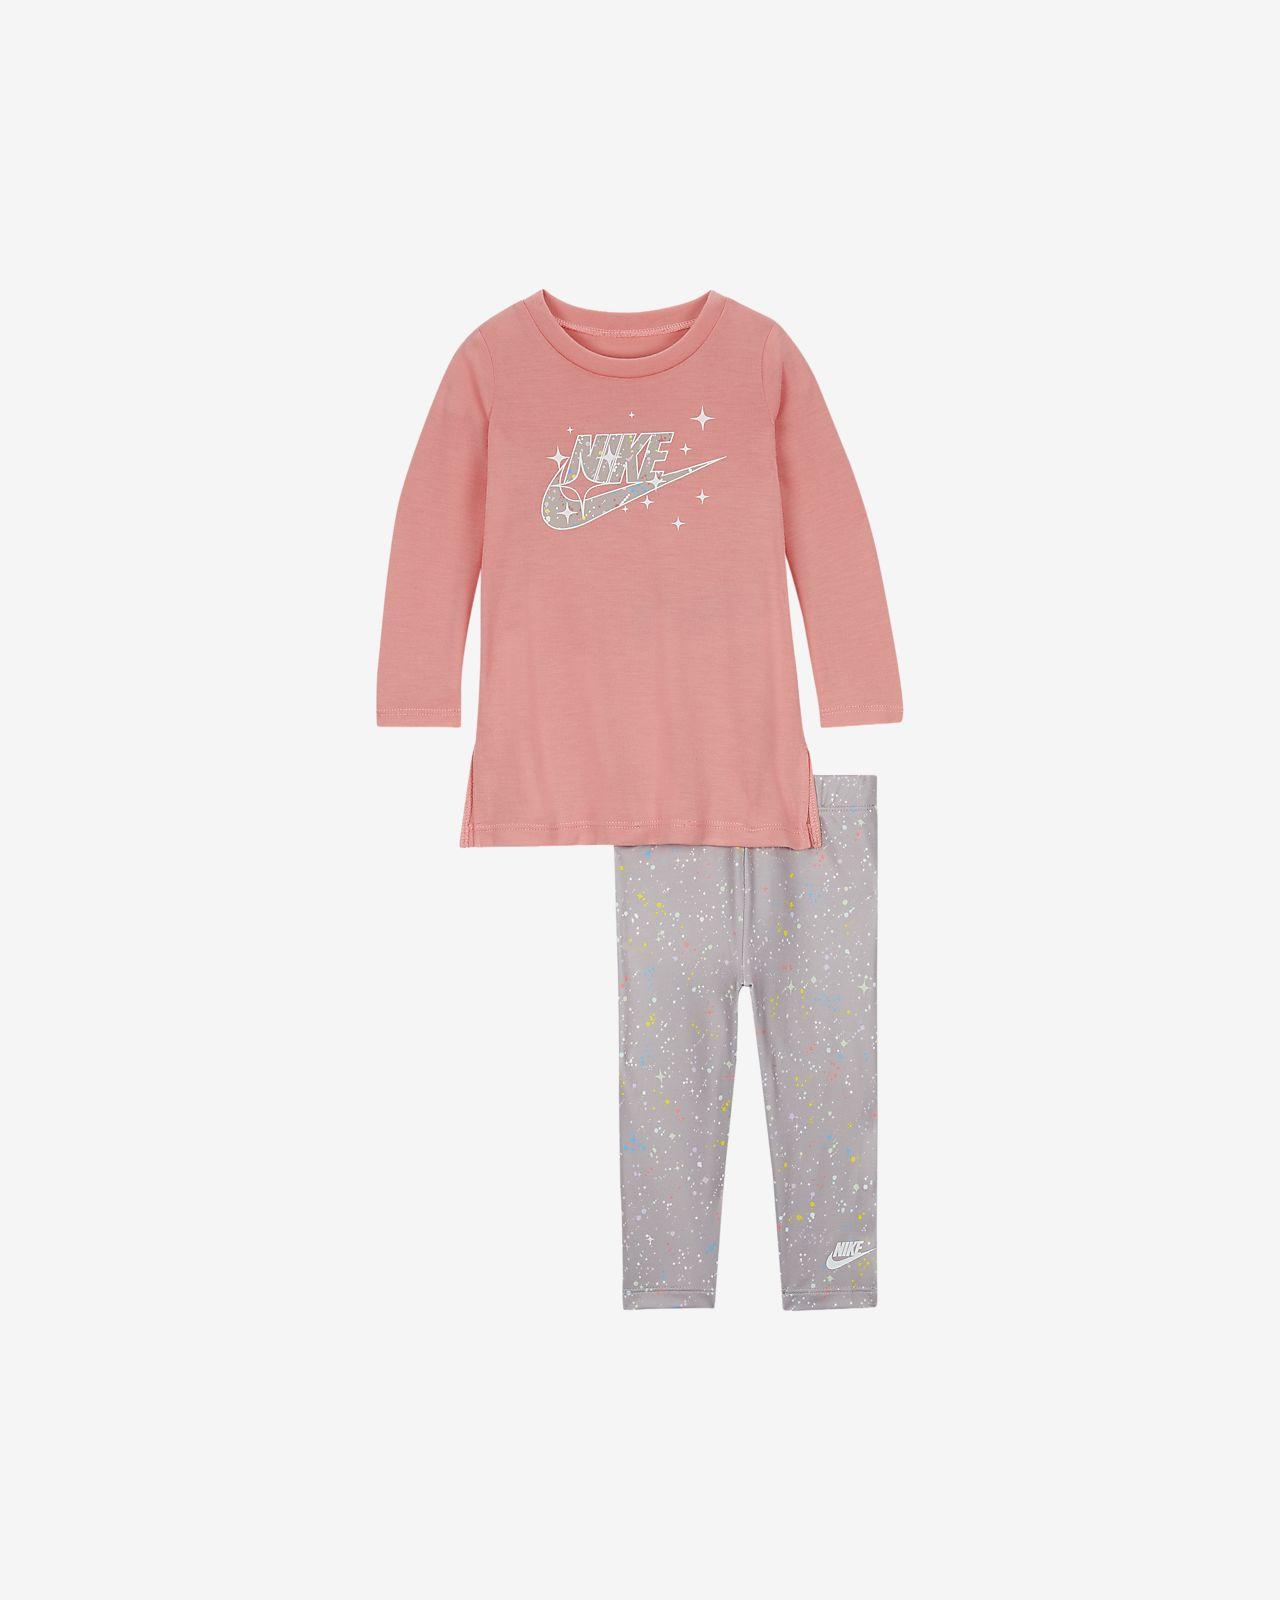 Nike Baby (12-24M) Top and Leggings Set